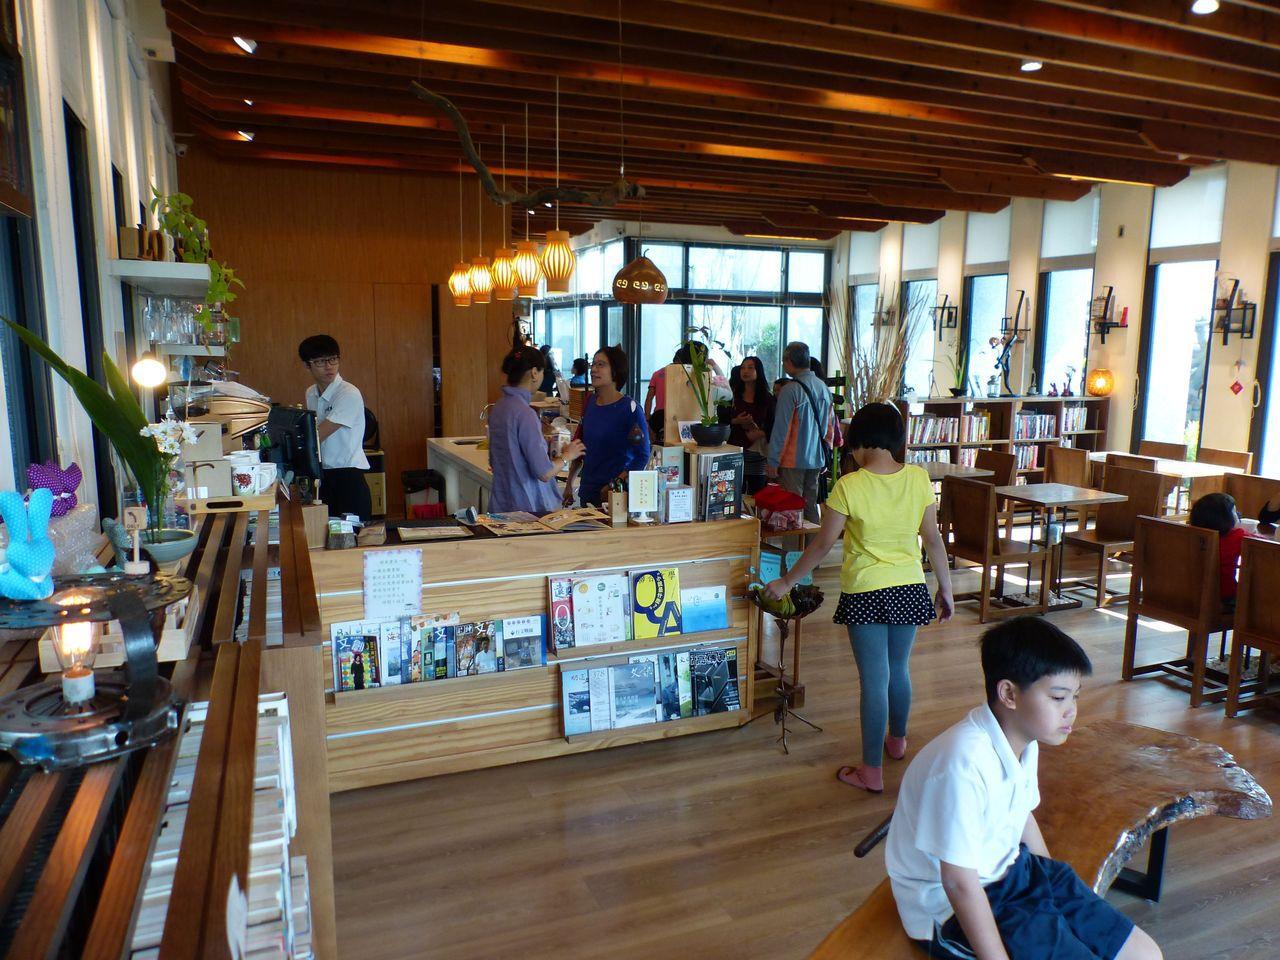 「借的書比賣的多」 稻田裡獨立書店暫熄燈 | 消費生活 | 產業 | 經濟日報